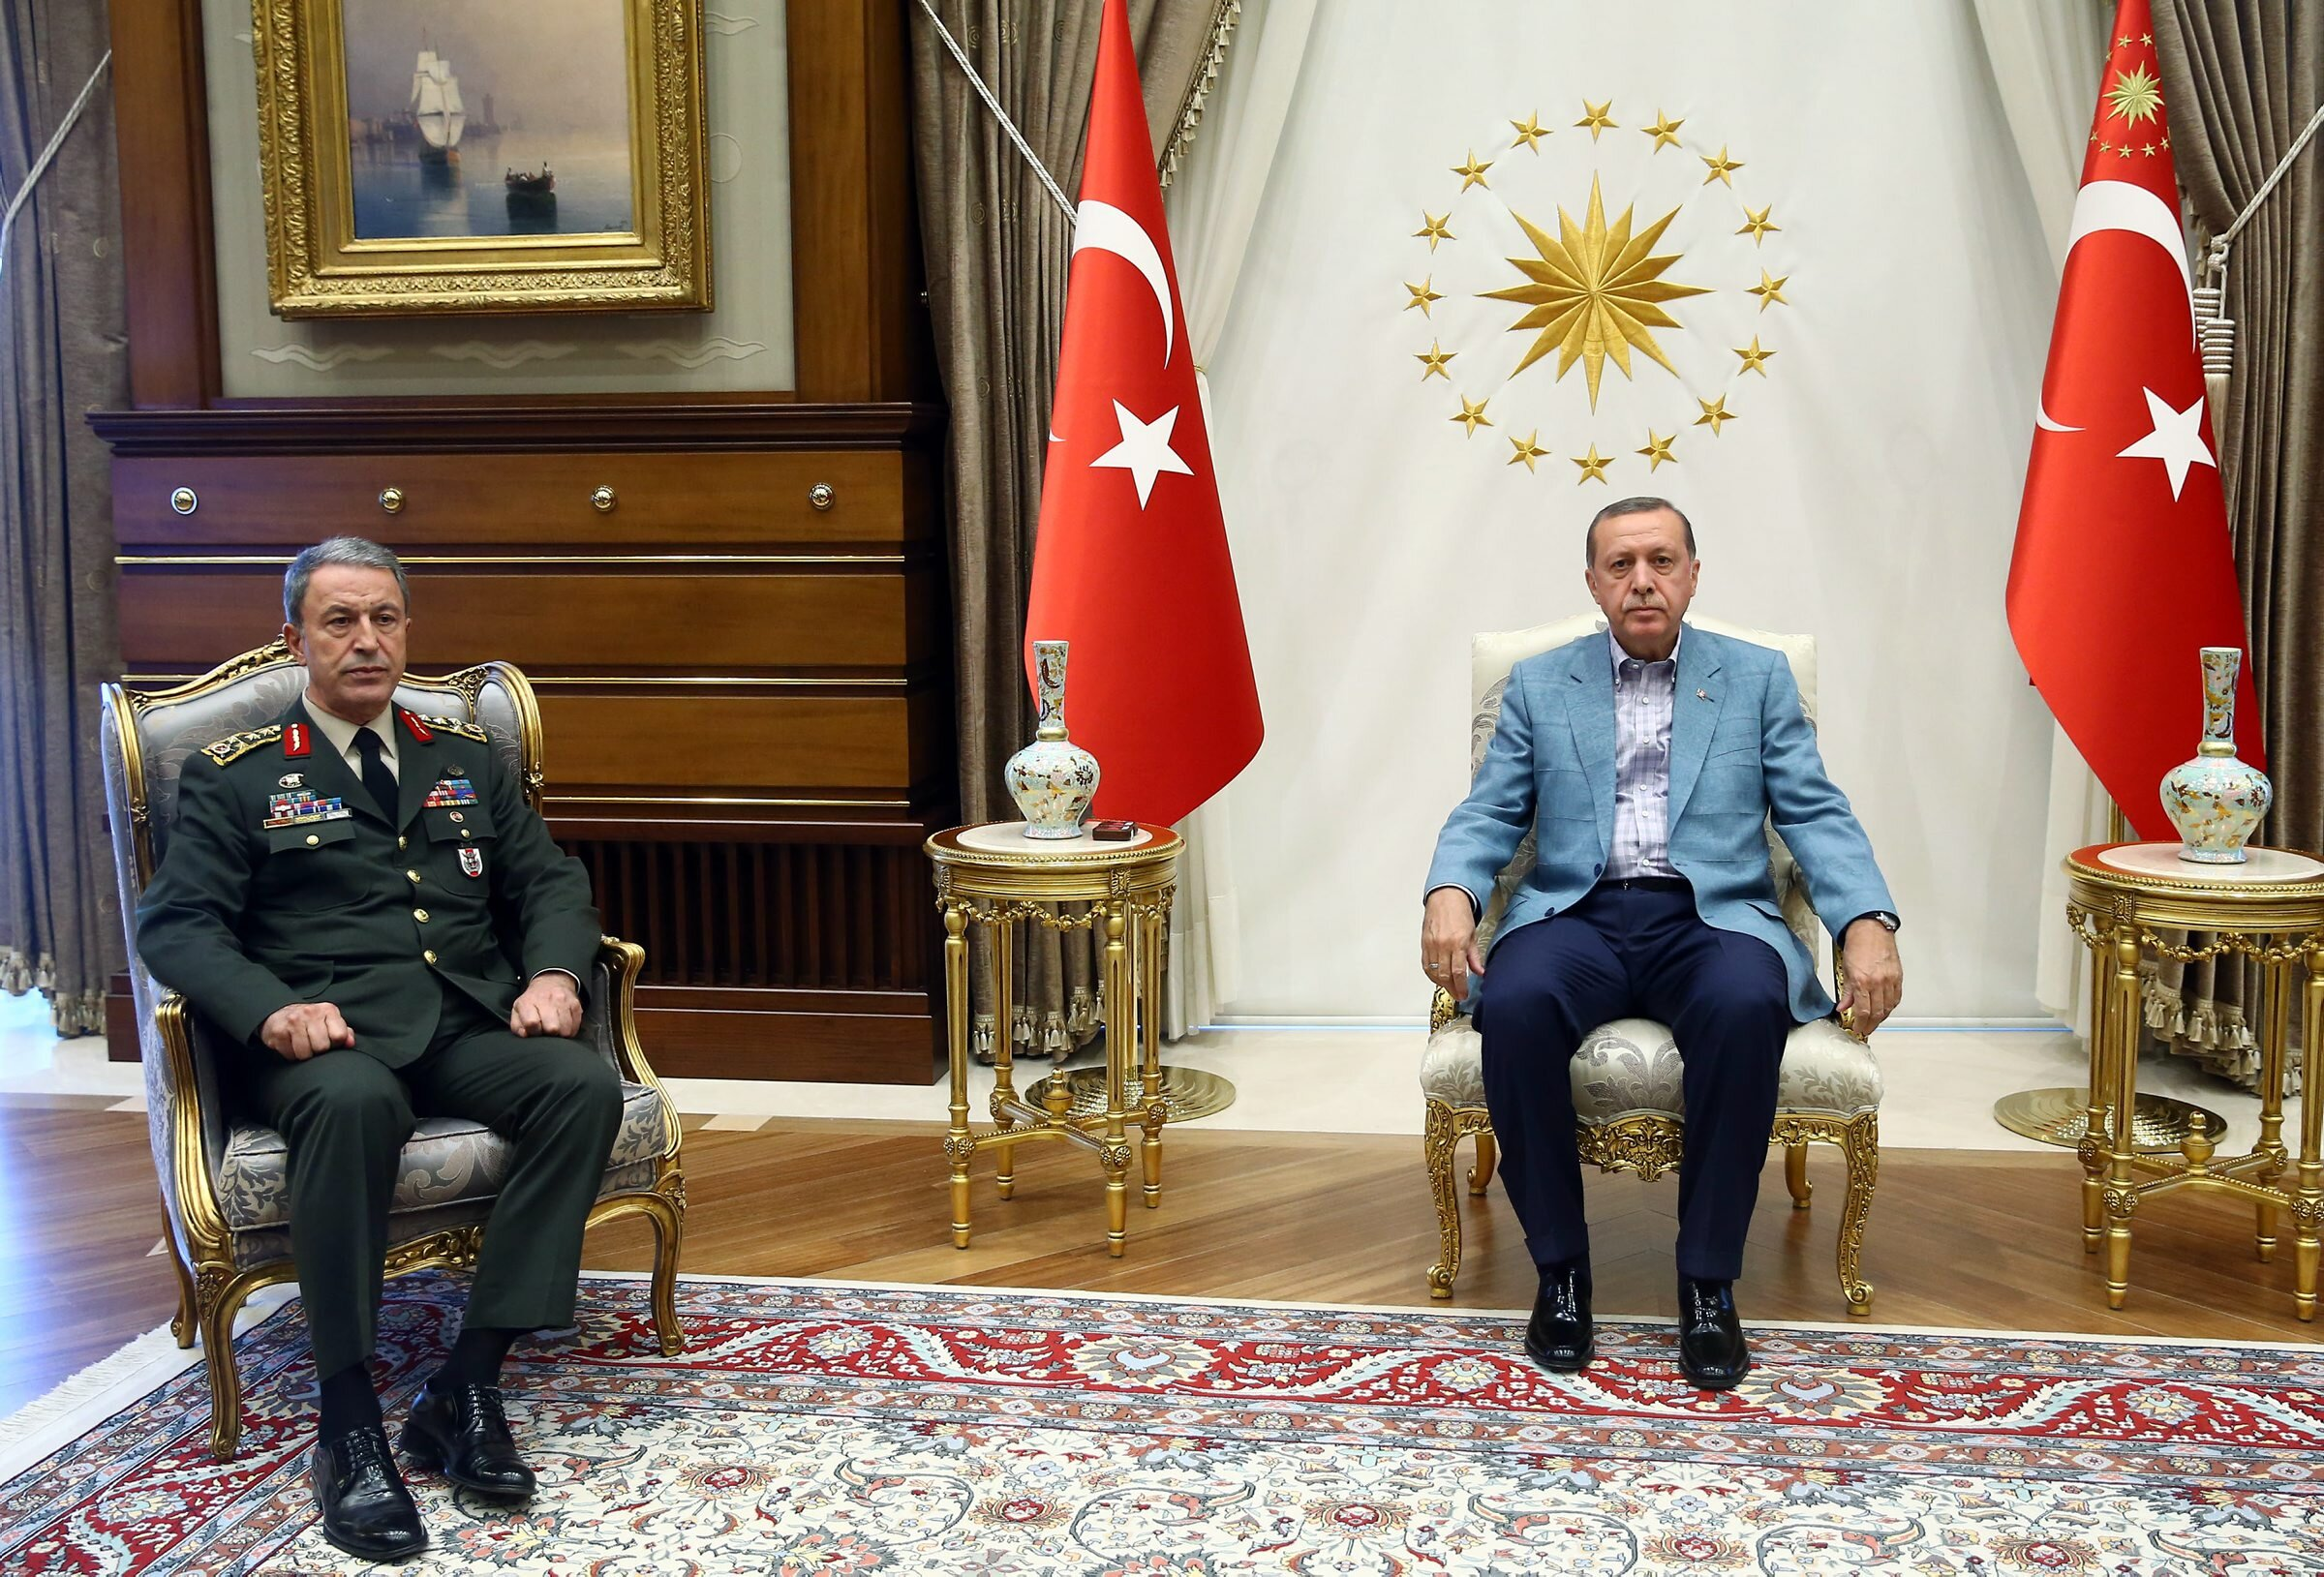 Cumhurbaşkanı Recep Tayyip Erdoğan, 15 Temmuz gecesi darbeci askerler tarafından rehin alınan Genelkurmay Başkanı Orgeneral Hulusi Akar'ı Cumhurbaşkanlığı Sarayı'nda kabul etti.